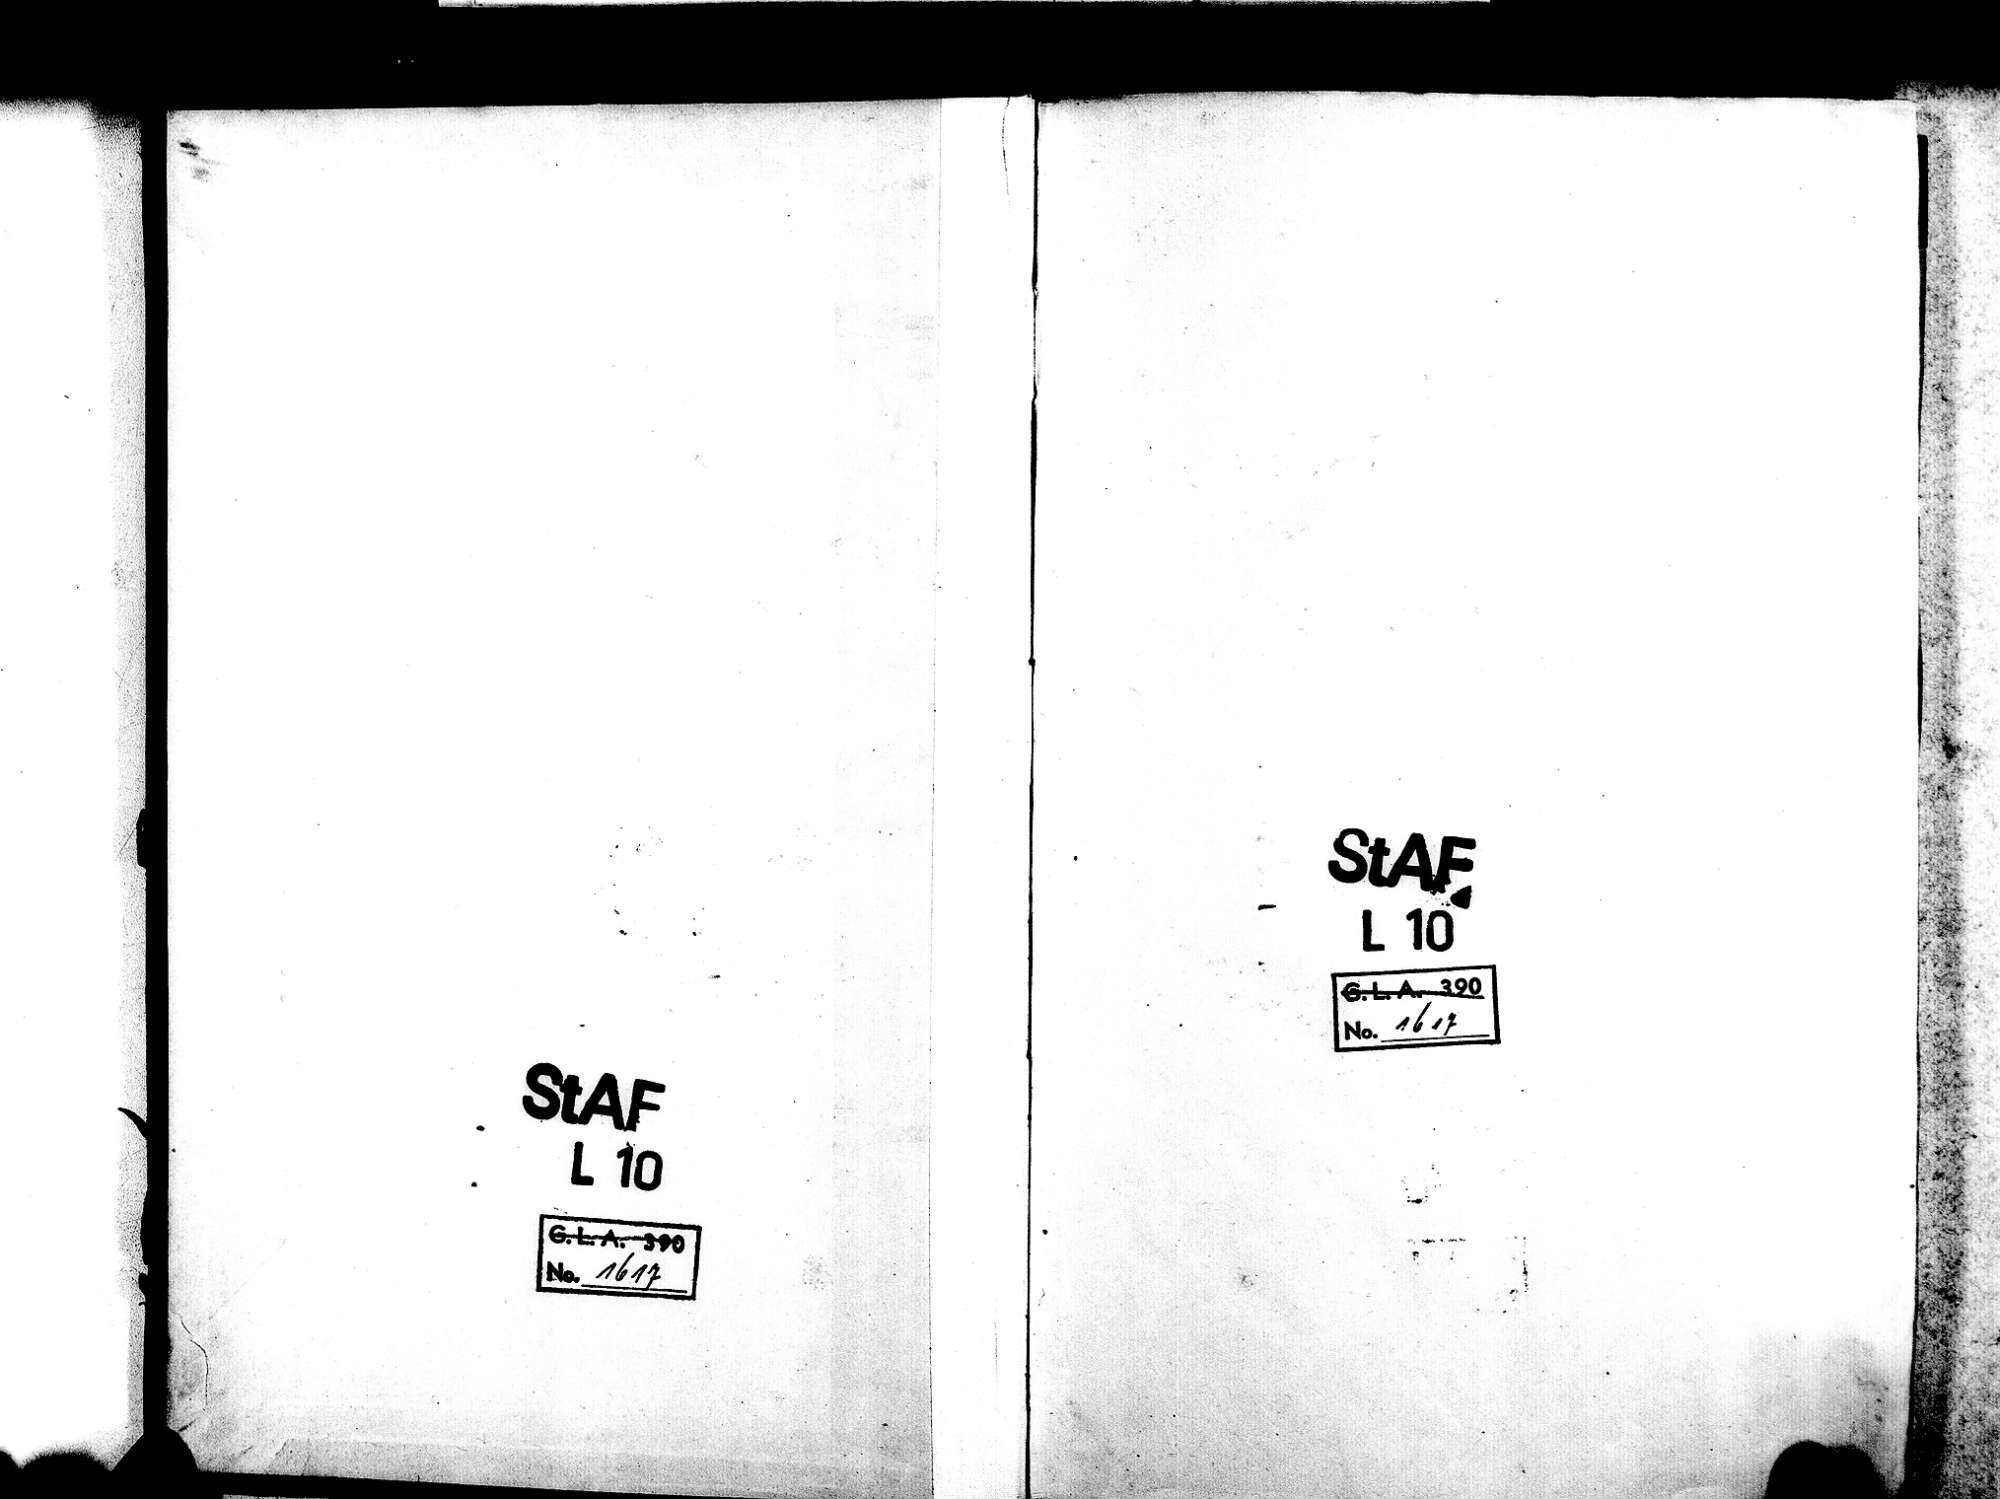 Berghaupten OG; Katholische Gemeinde: Standesbuch 1840-1854 Enthält: Einzelne Evangelische Einträge, Bild 3